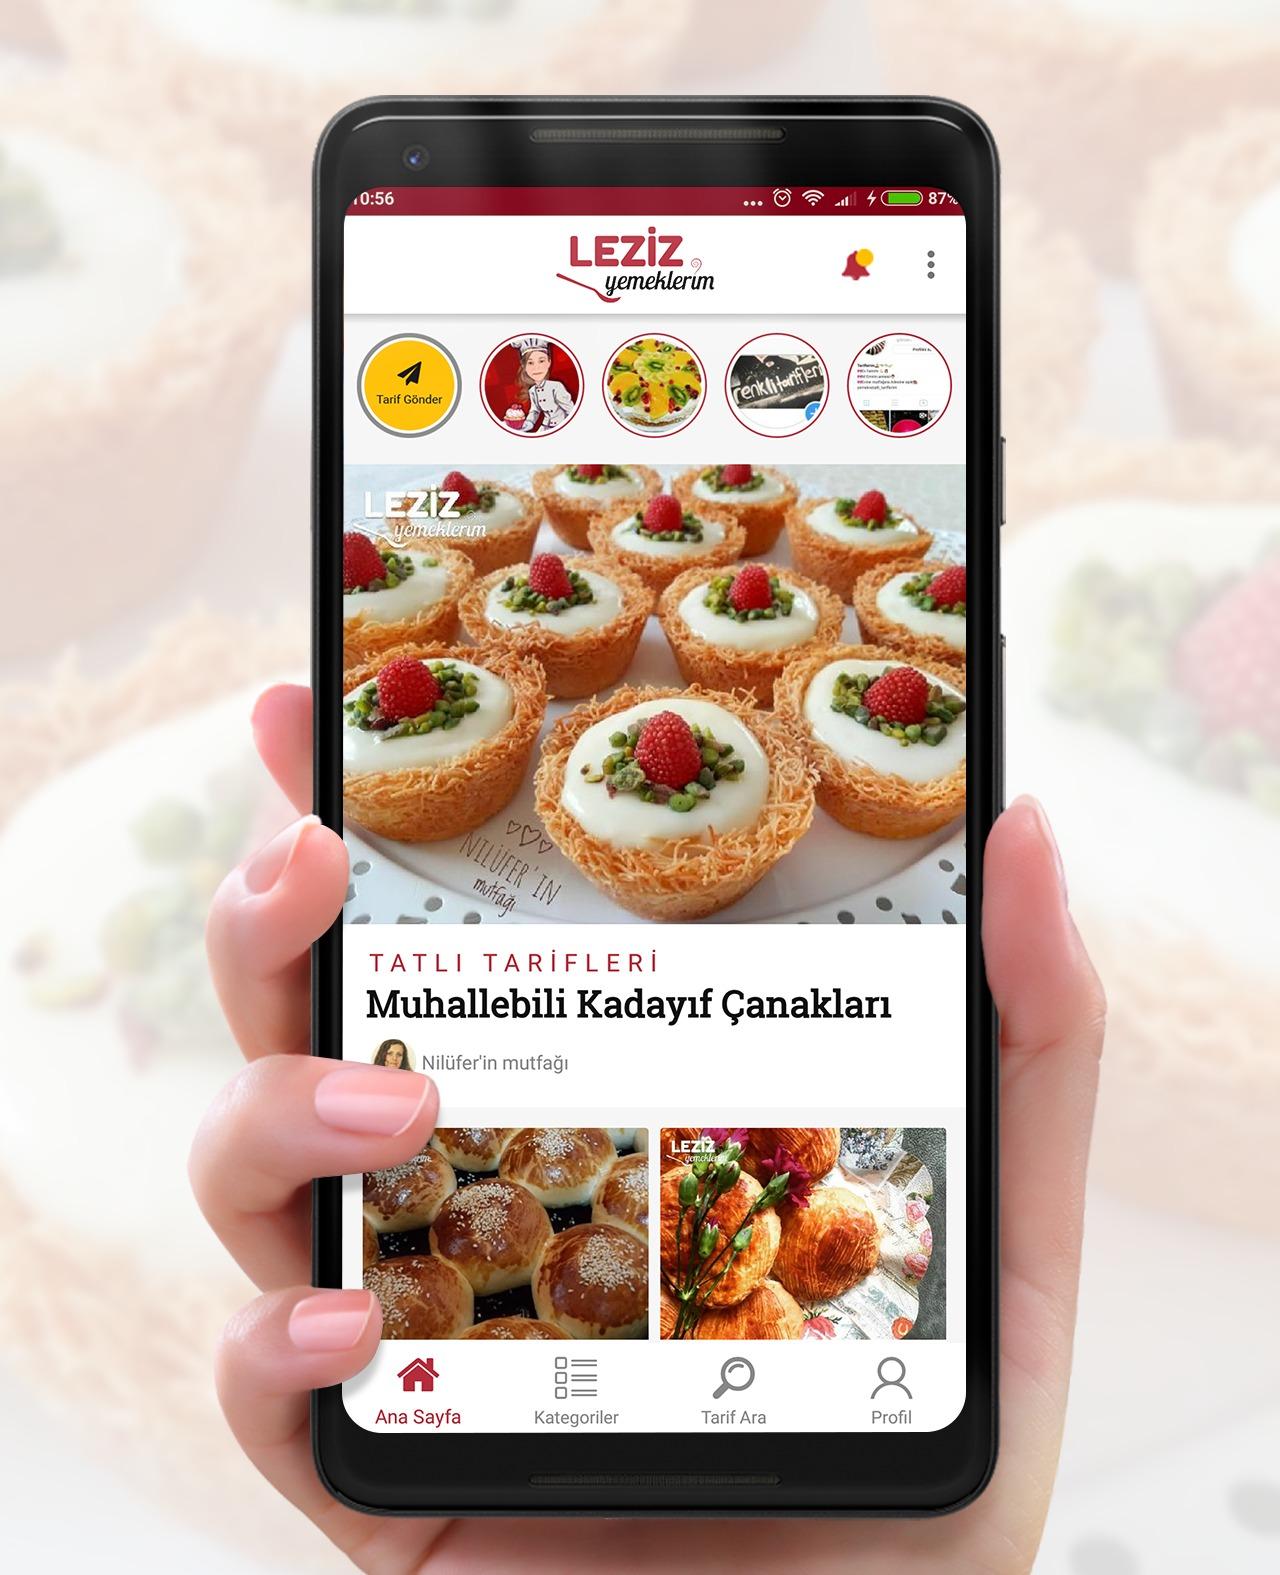 Leziz Yemeklerim Android Uygulaması